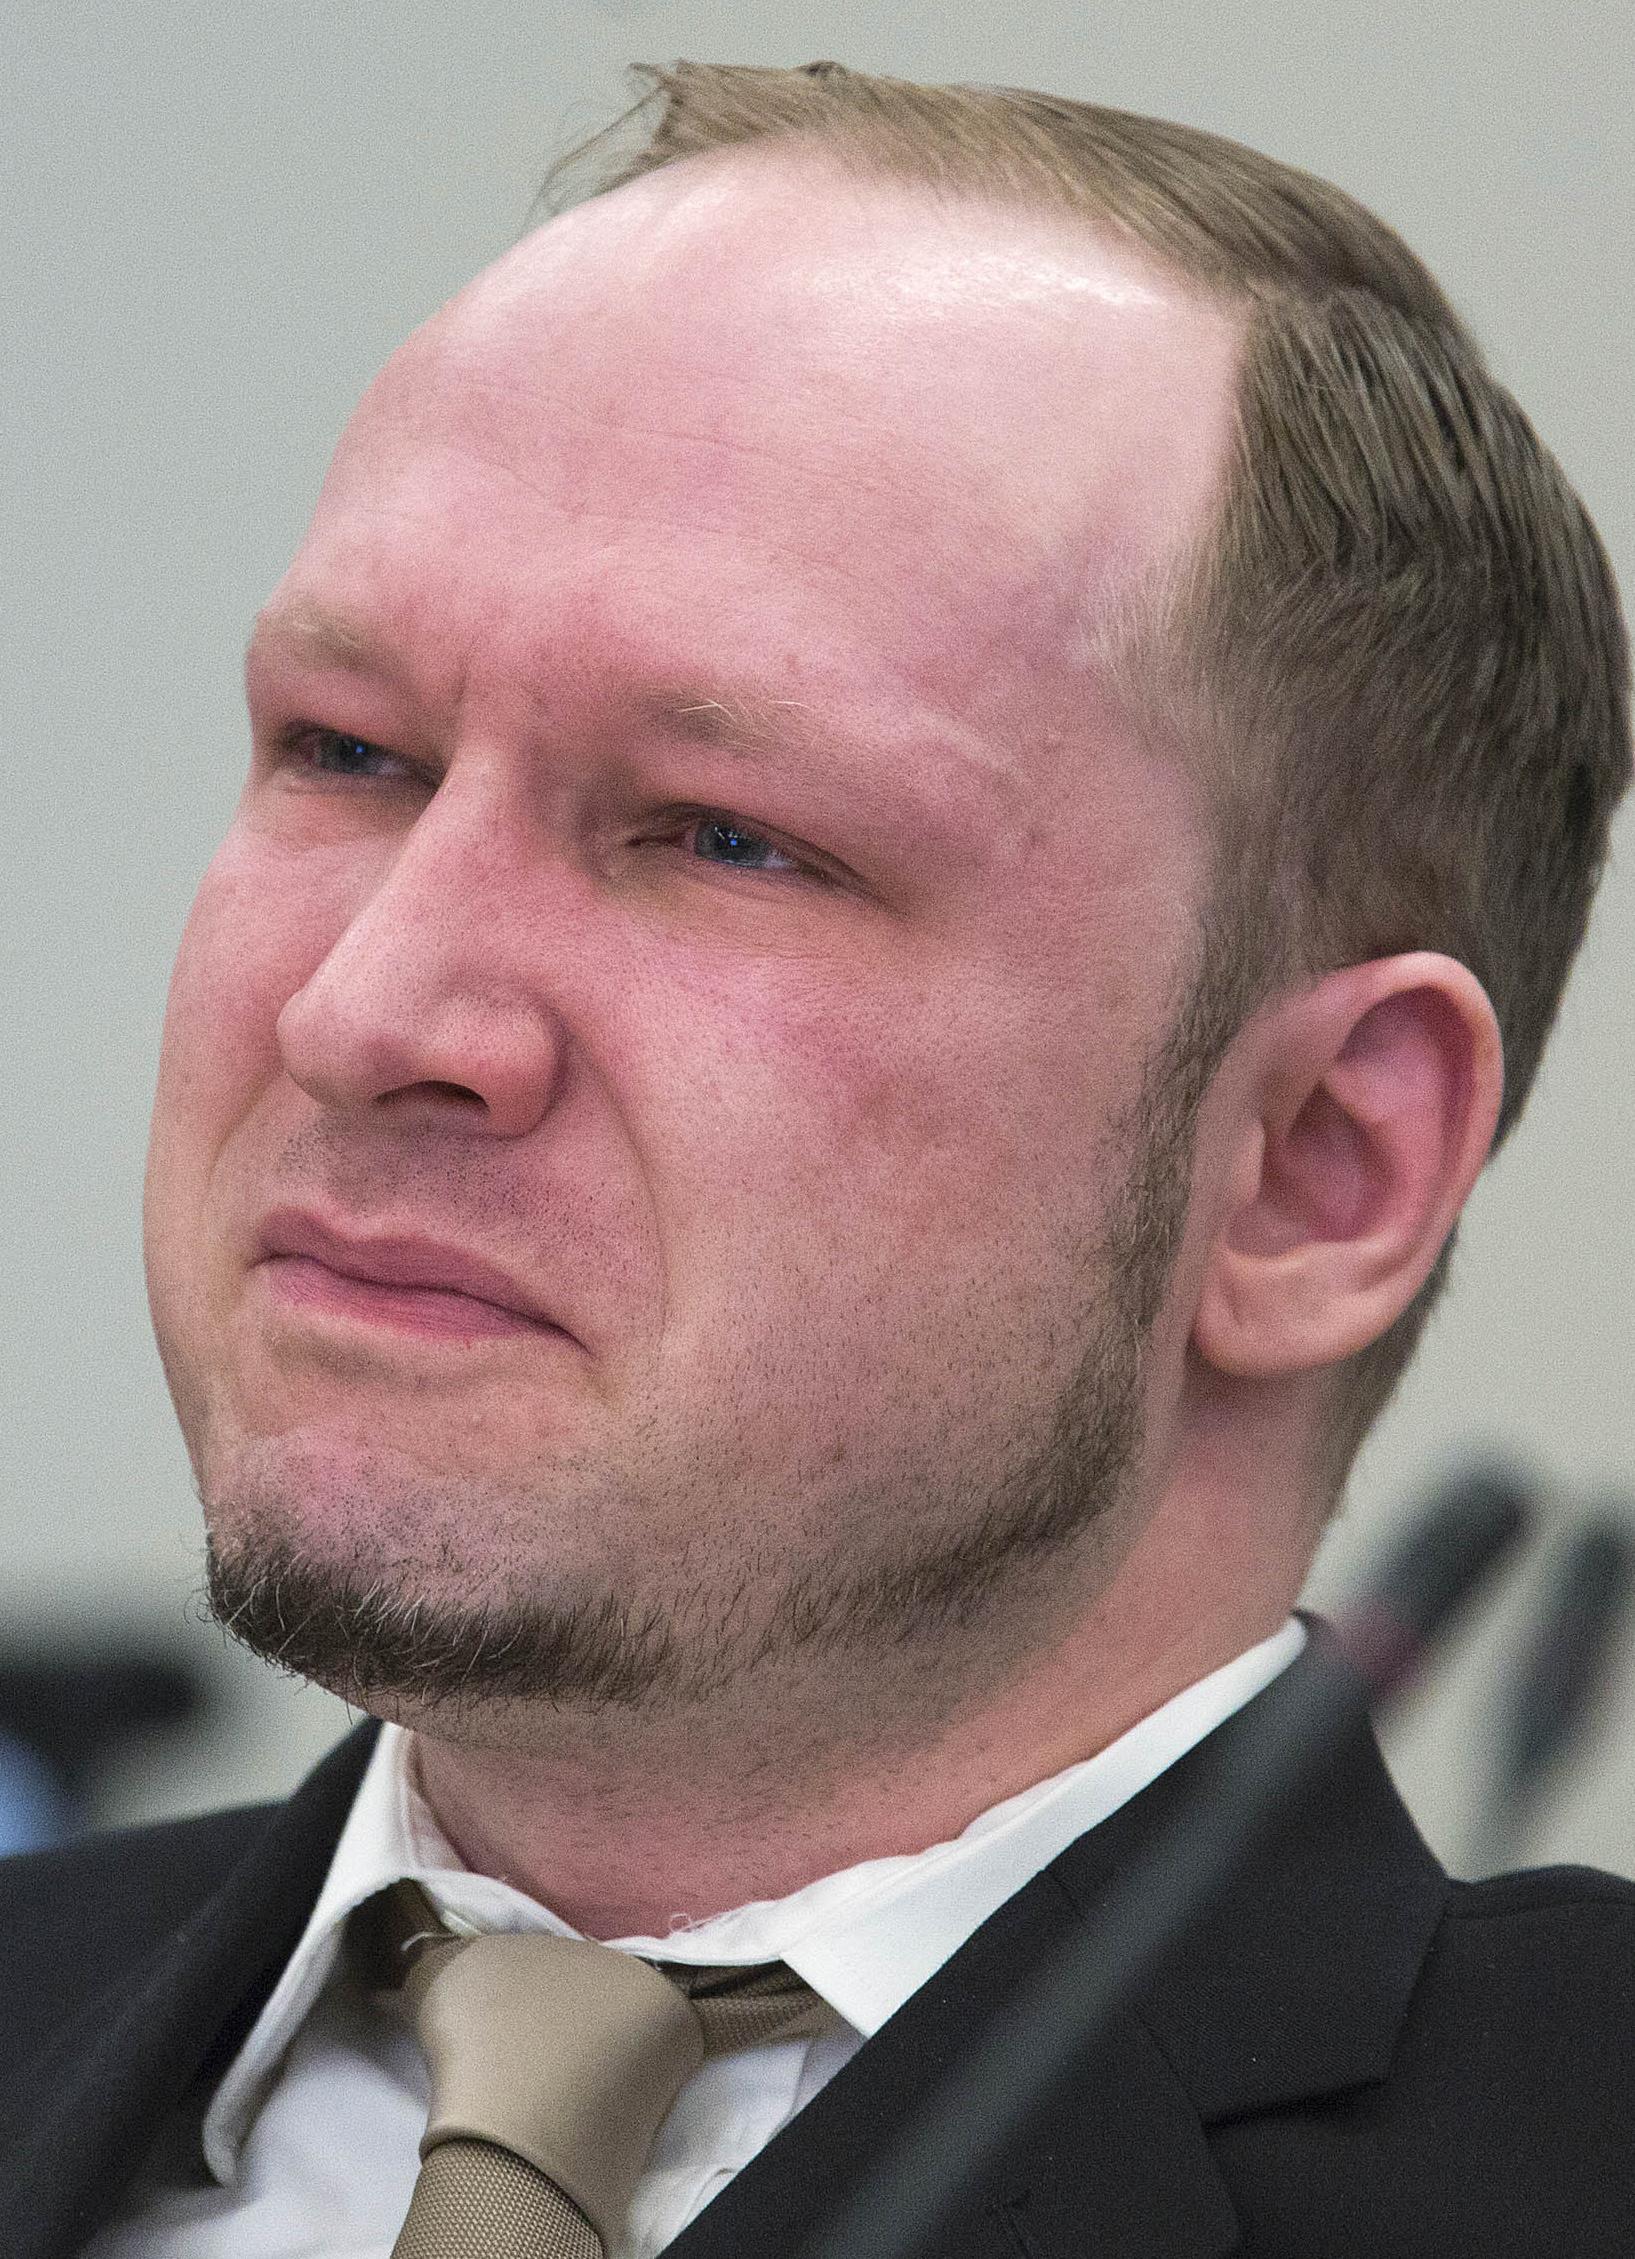 Are Anders behring breivik